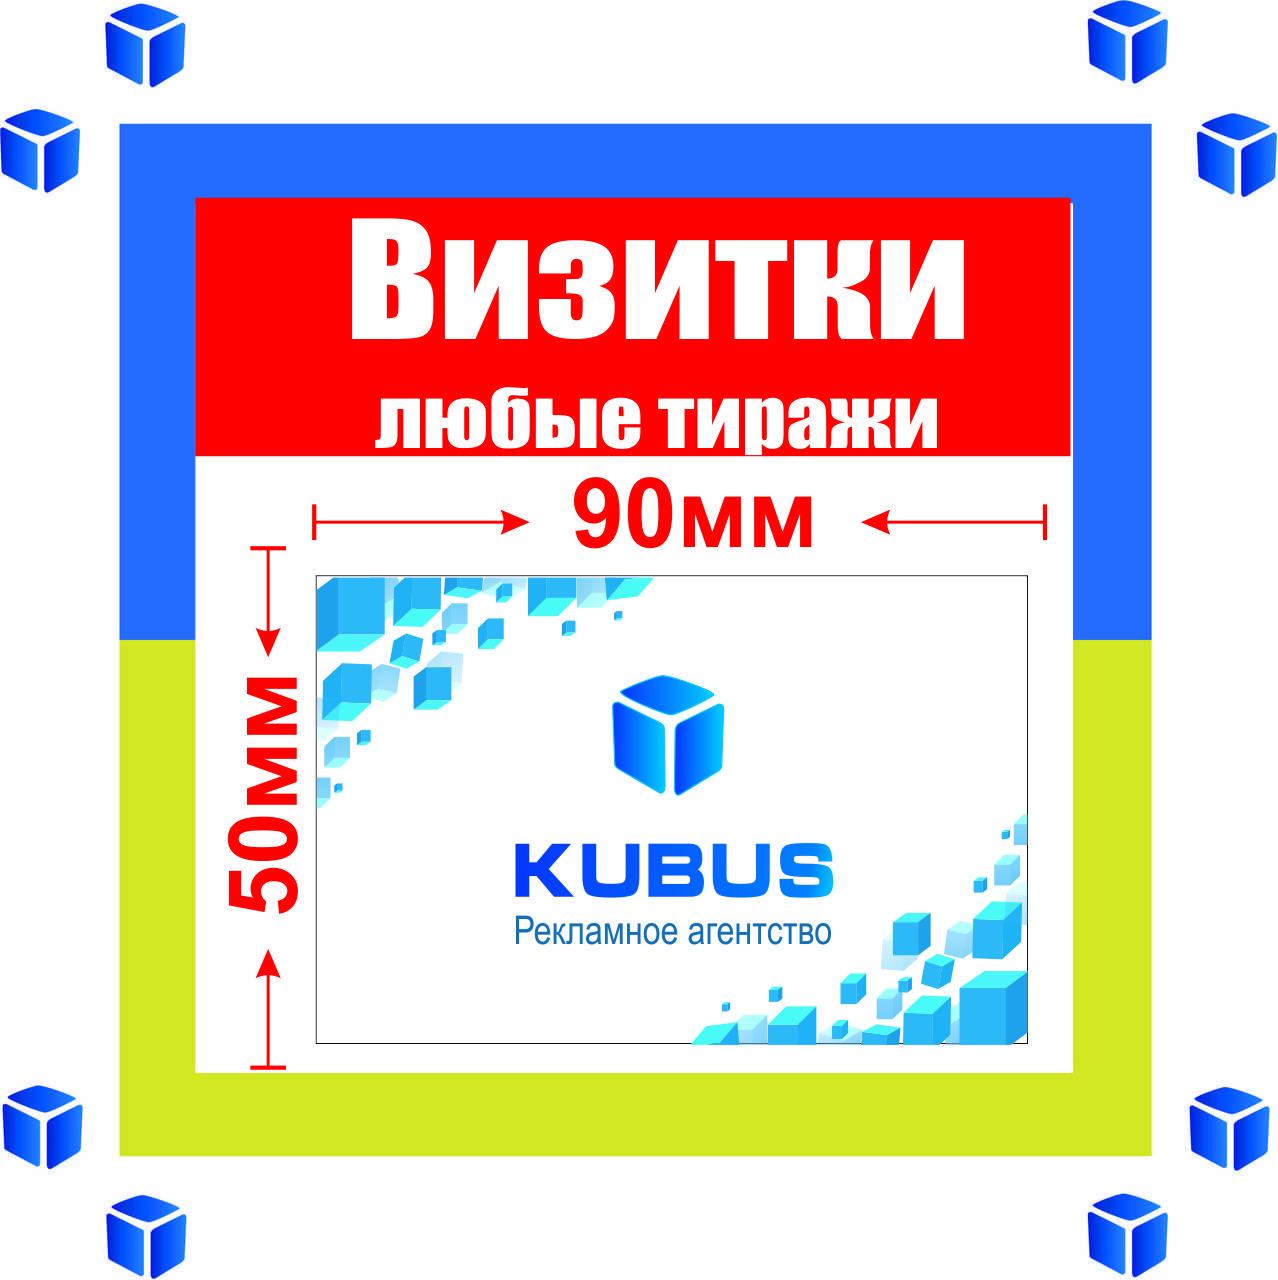 Визитки цветные двухсторонние 5 000 шт(любые тиражи,защитный лак матовый/ 3 дня )